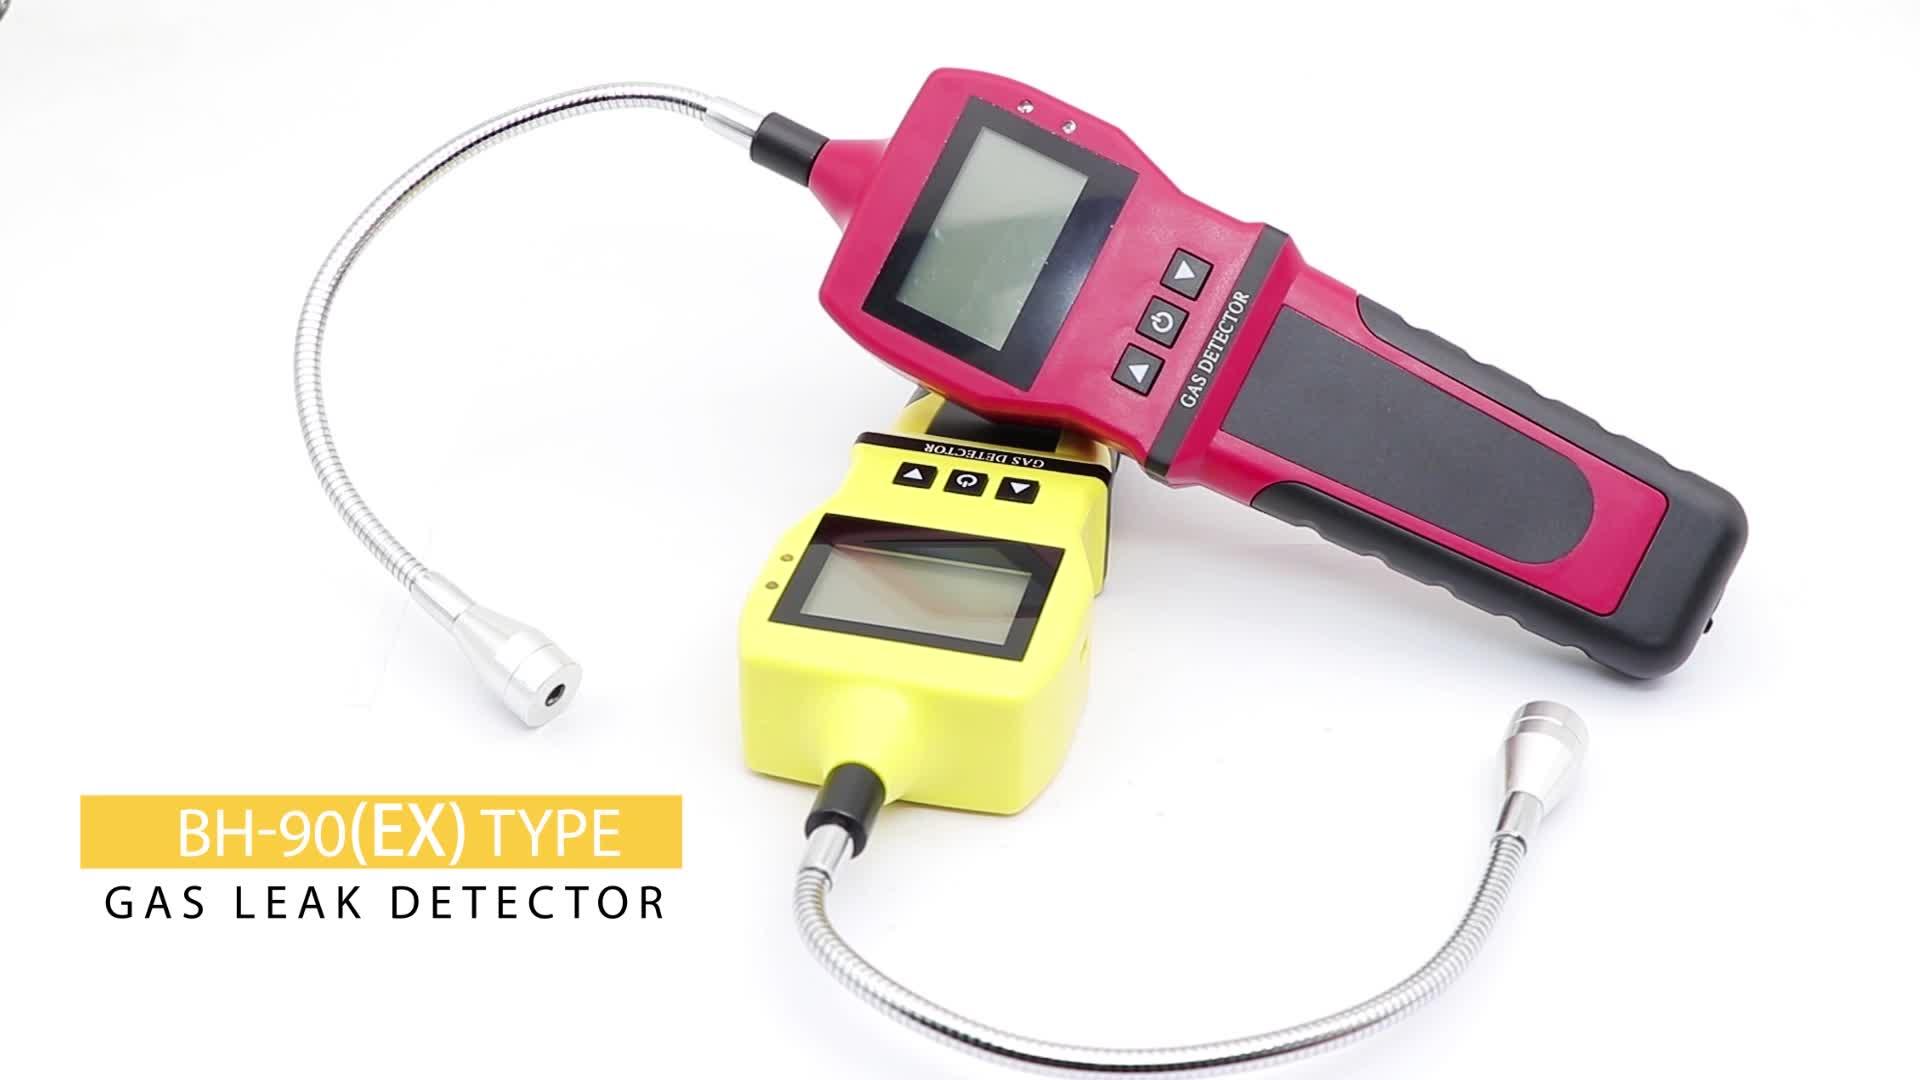 Tragbare 4 in 1 sauerstoff leck detektor mit schwanenhals